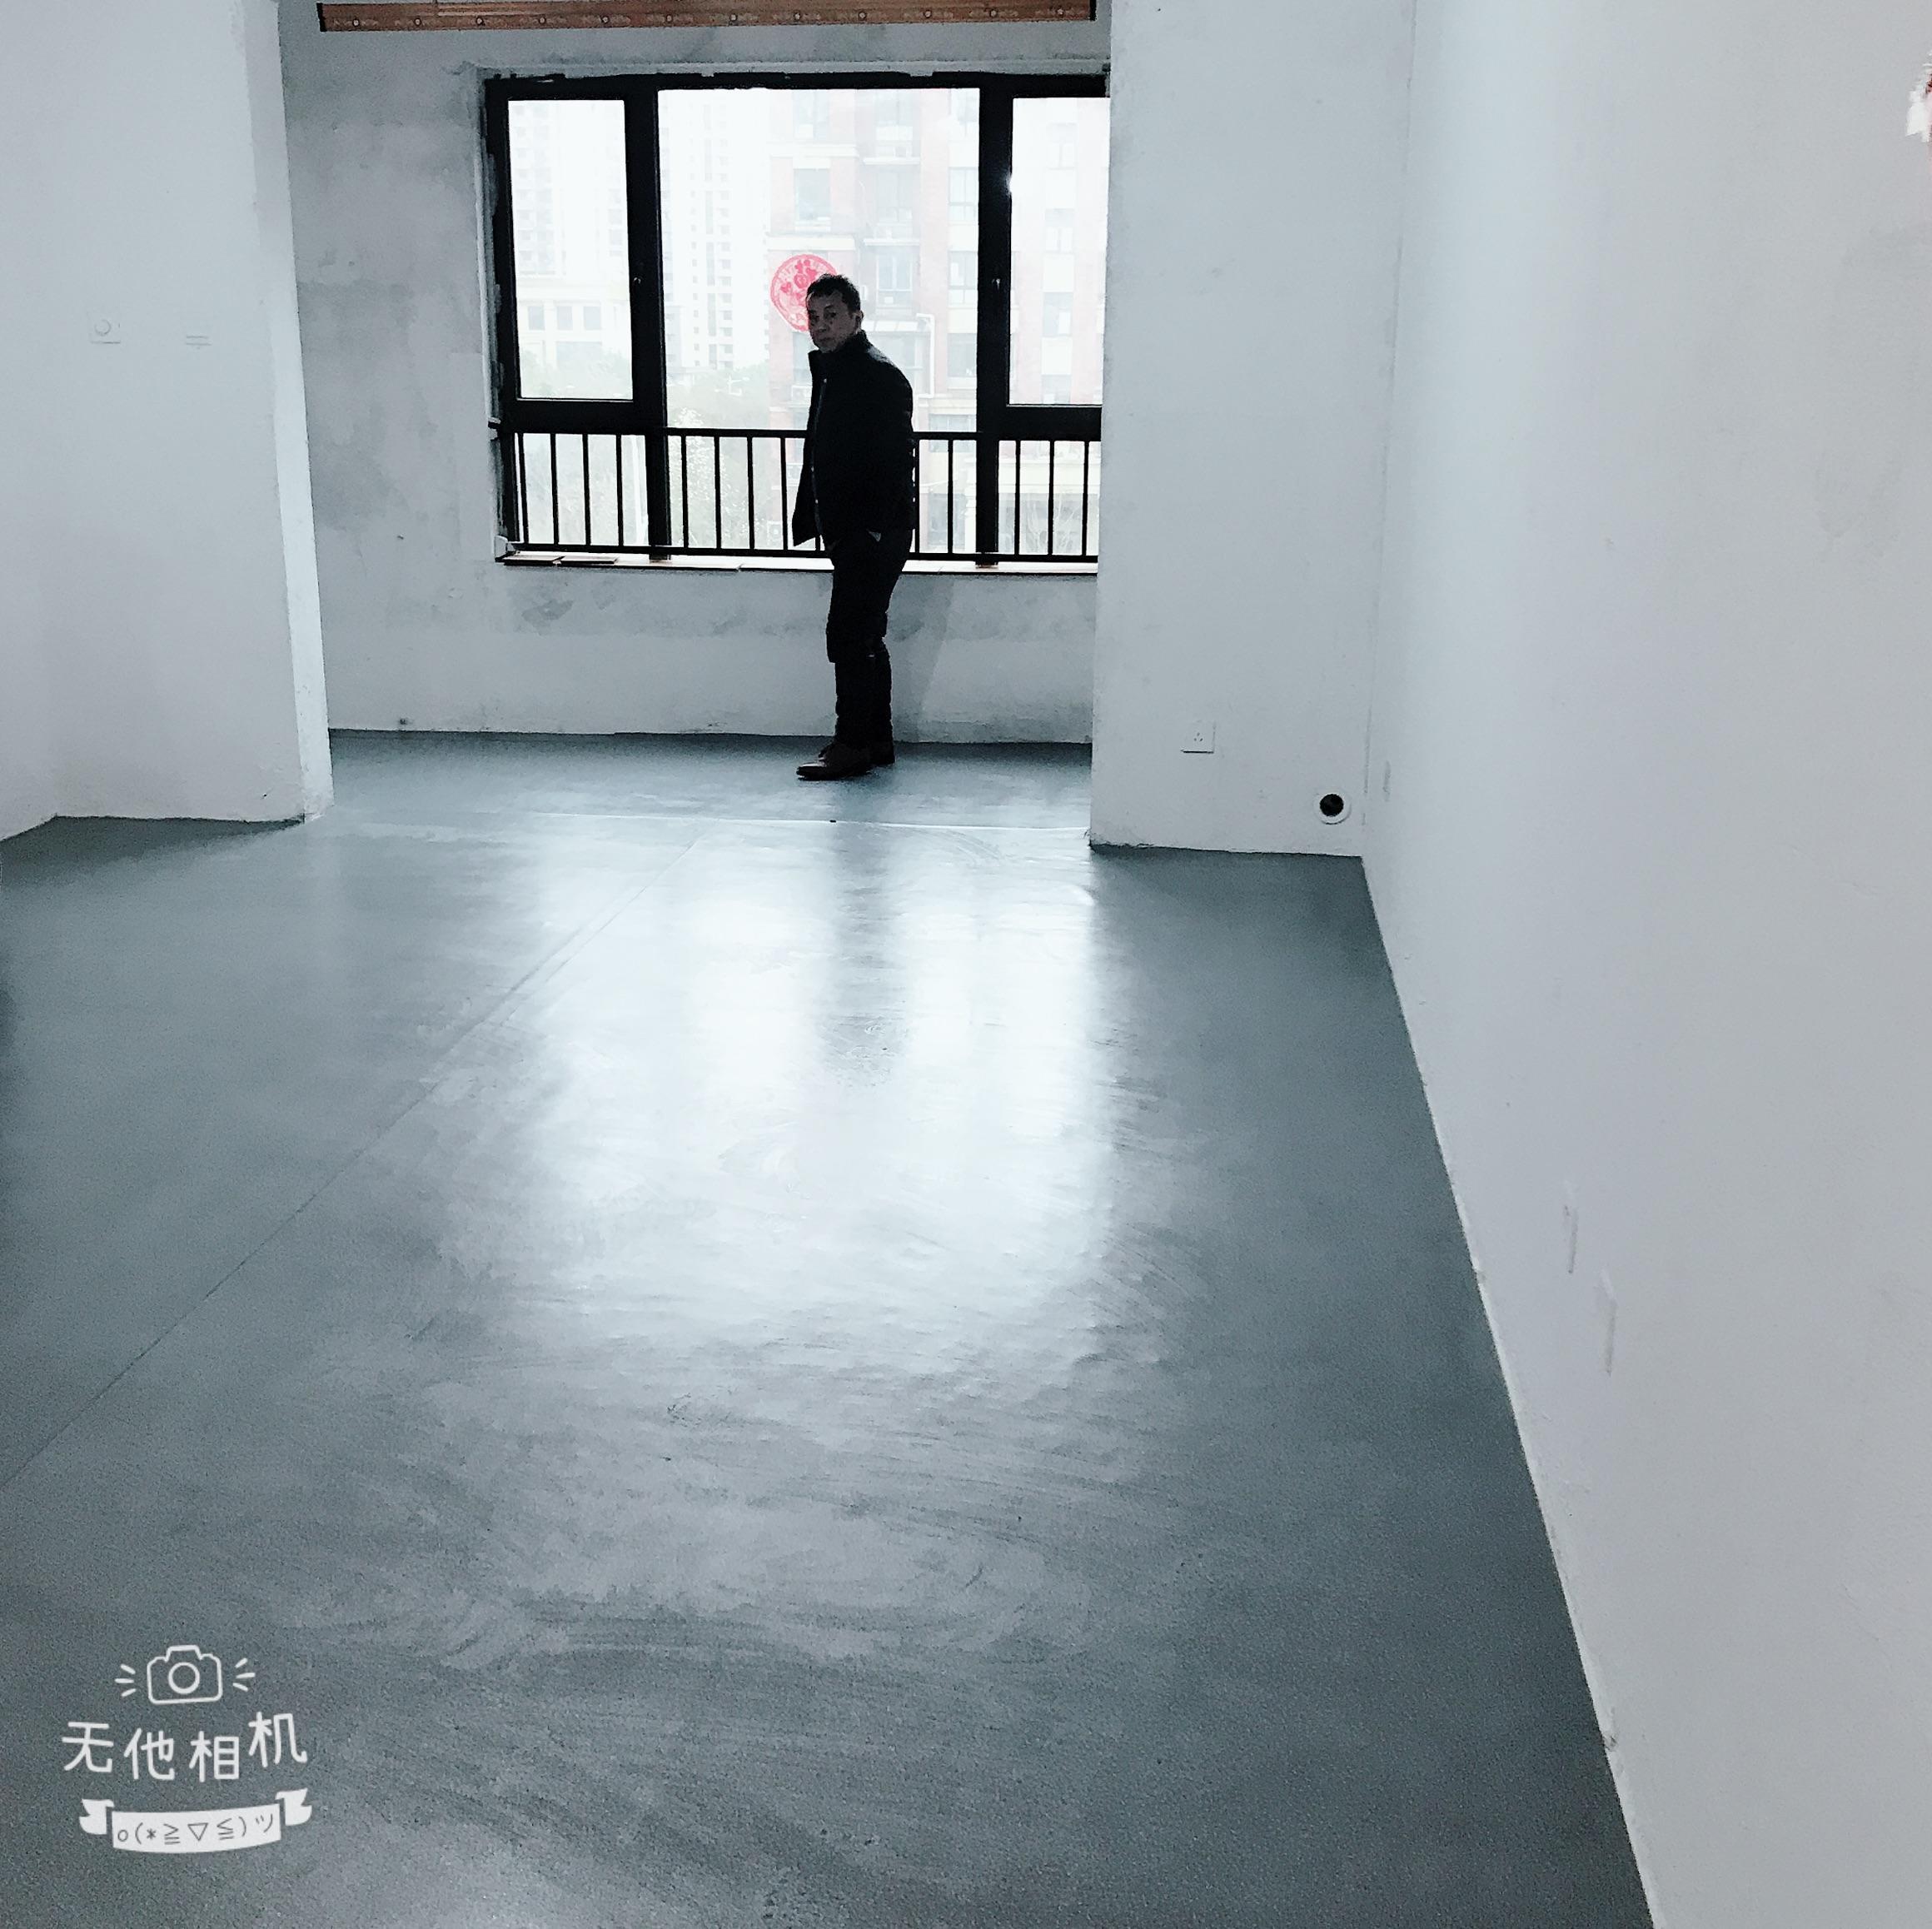 琅琊府 洋房 140平 大四室两厅两卫 中装家具家电全配 1500包物业